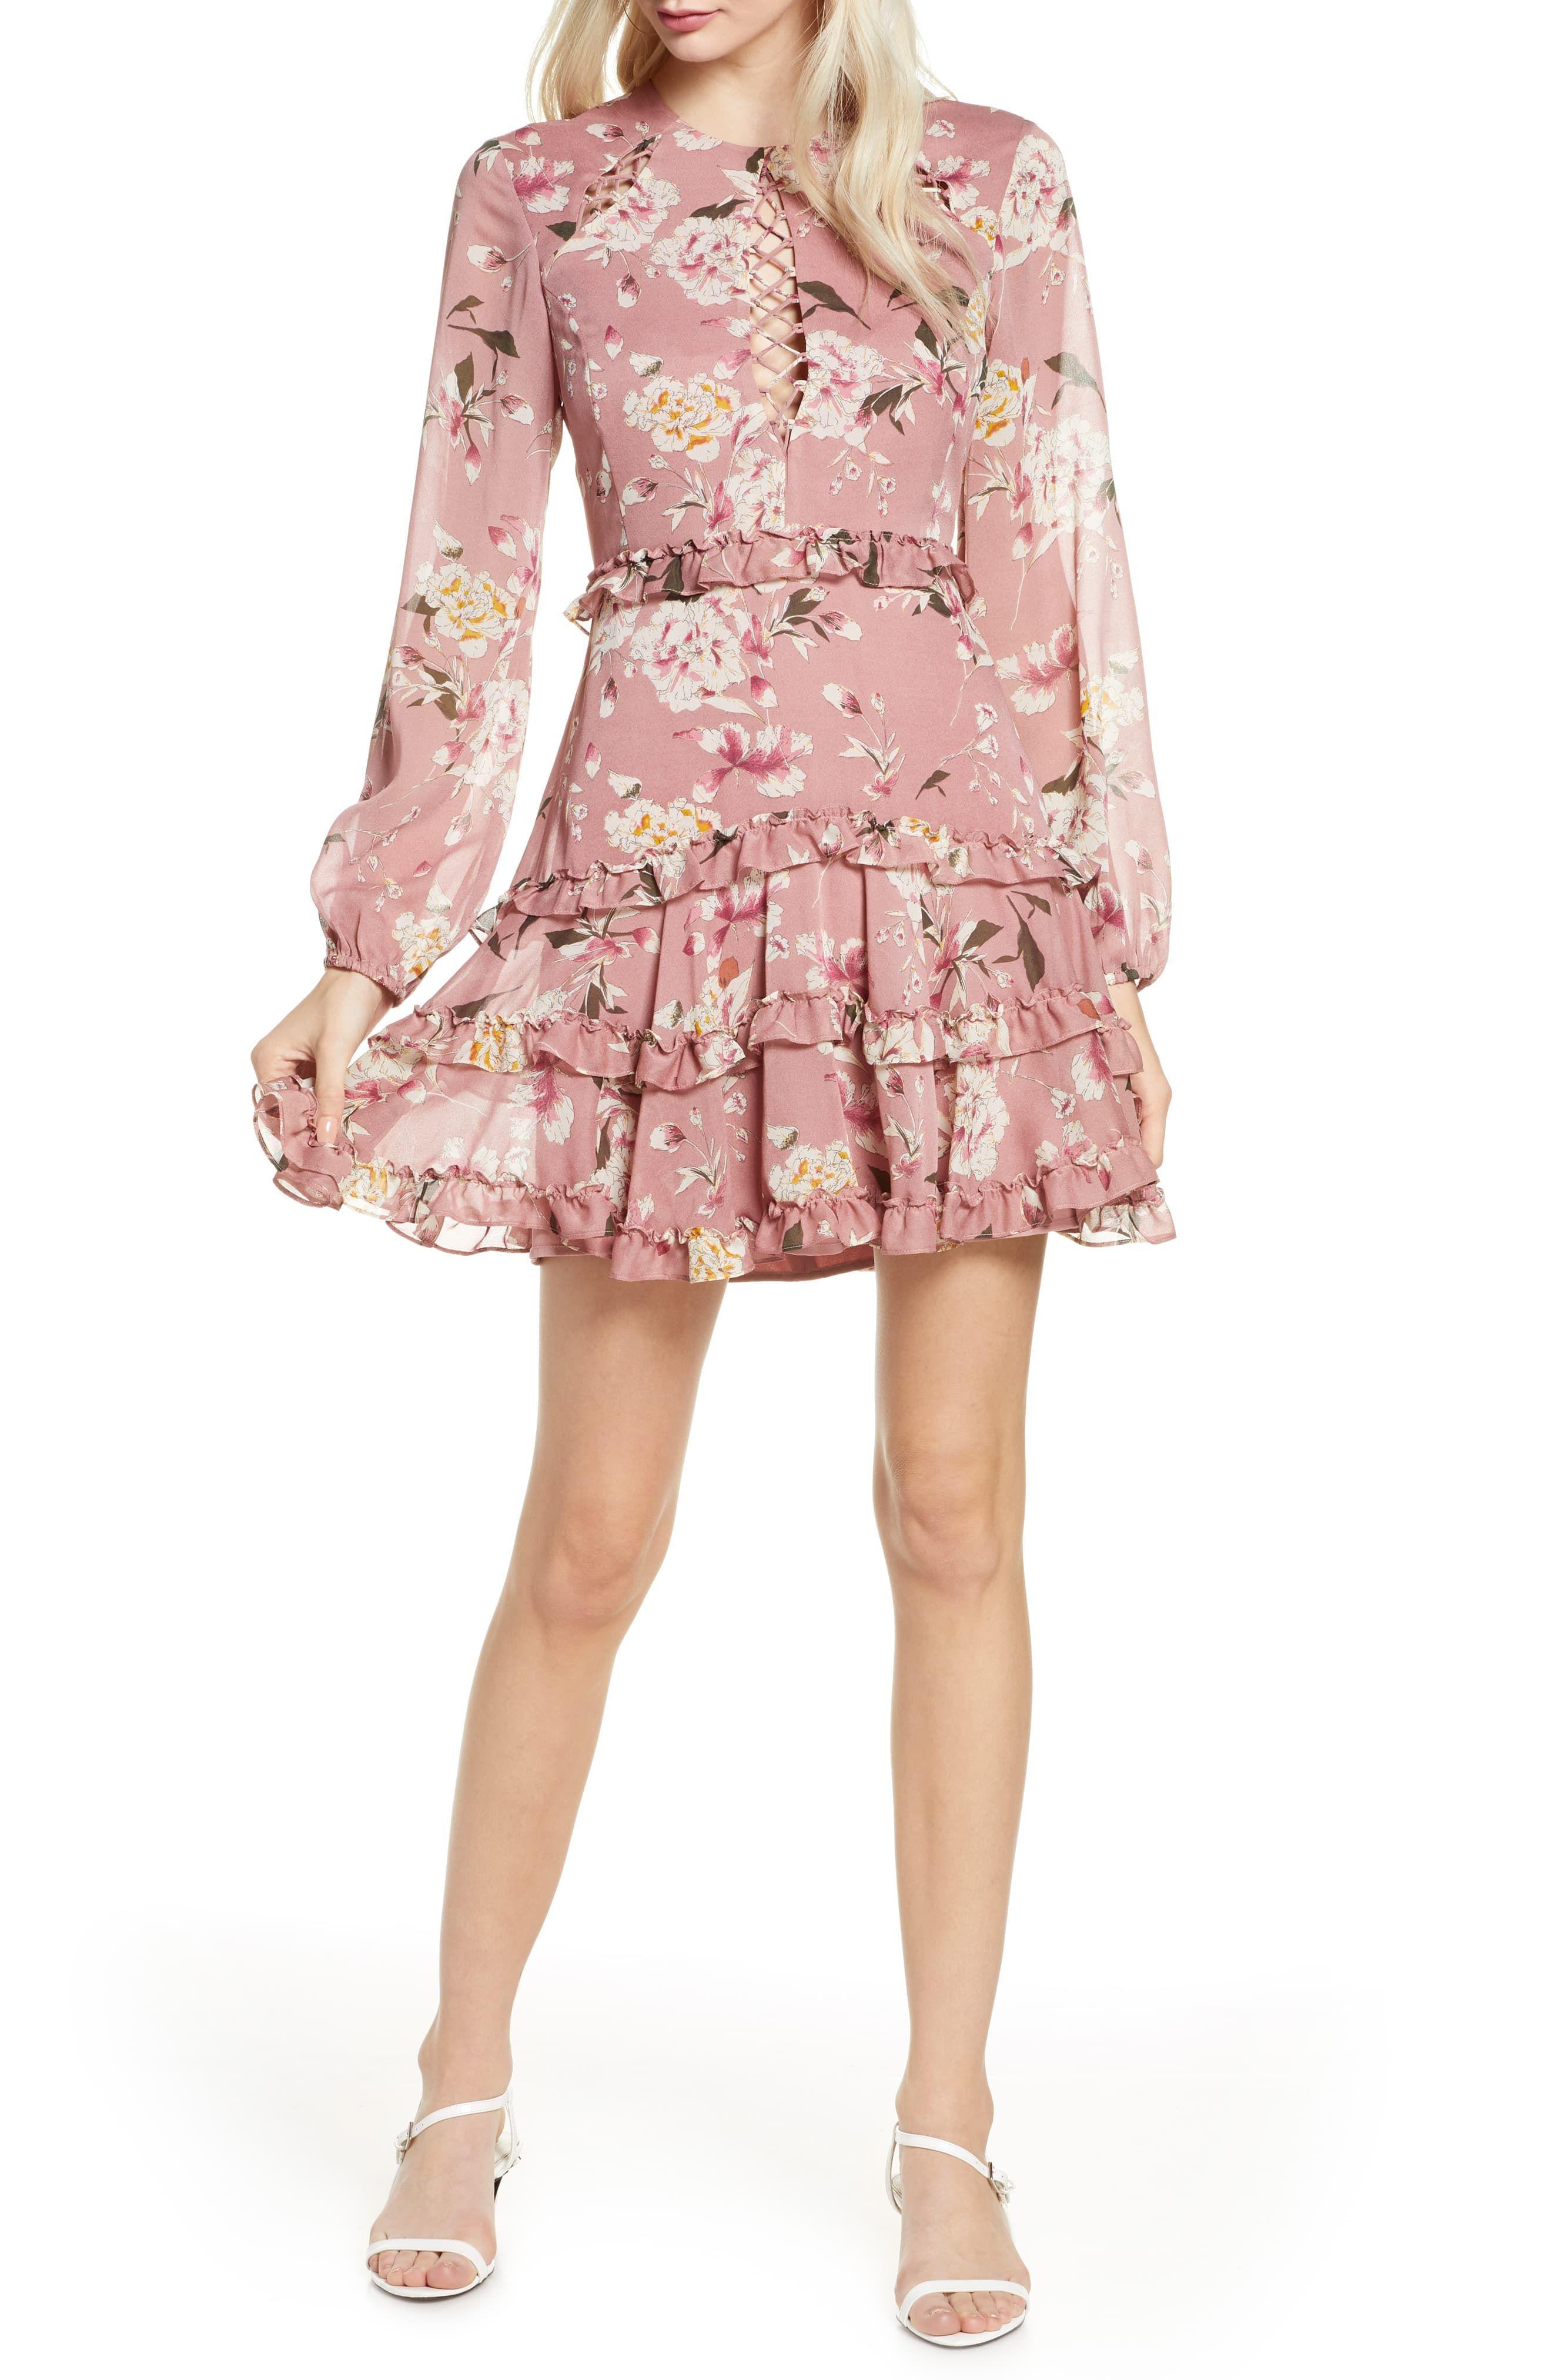 Women S Bardot Hazel Floral Minidress Size Large Pink Mini Dress Fashion Clothes Women Fashion [ 4048 x 2640 Pixel ]